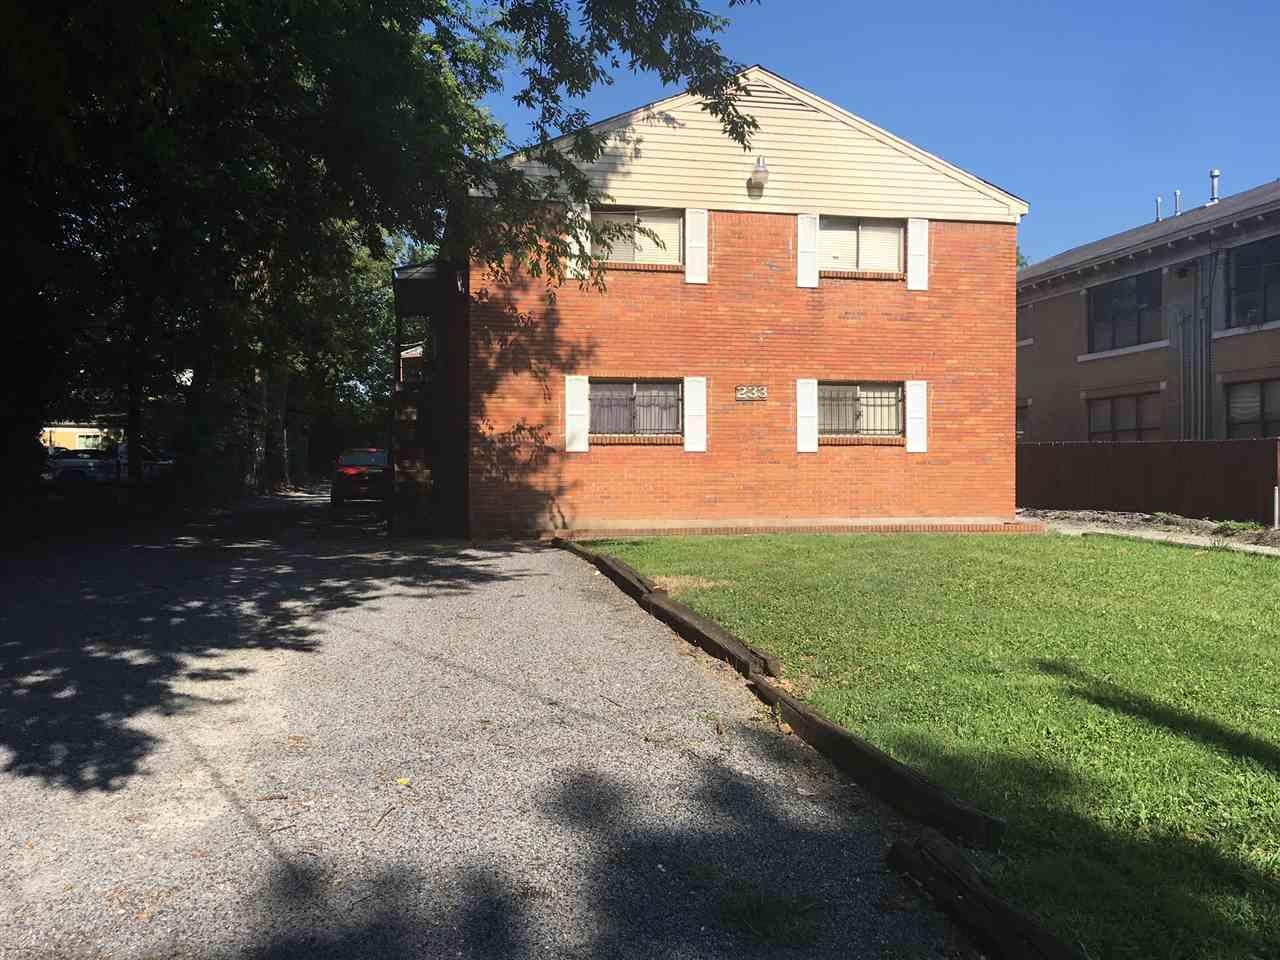 233 N Bellevue Memphis, TN 38105 - MLS #: 10007137